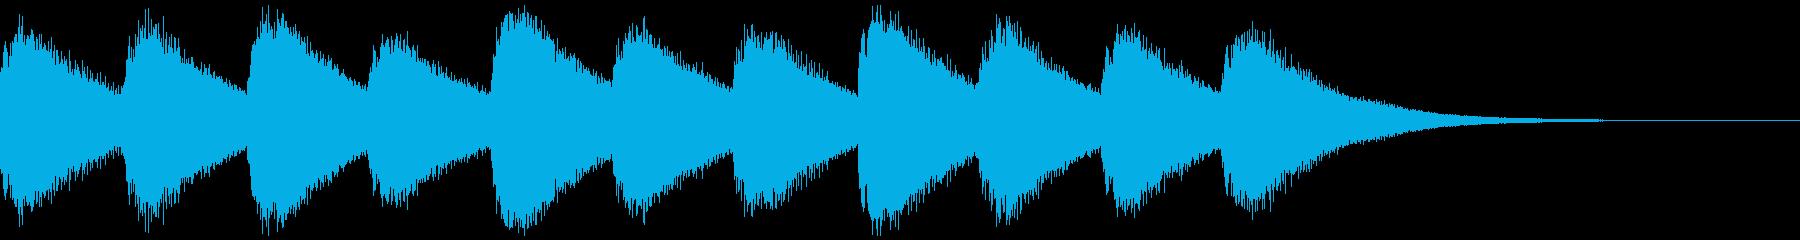 教会のベル 11時の再生済みの波形